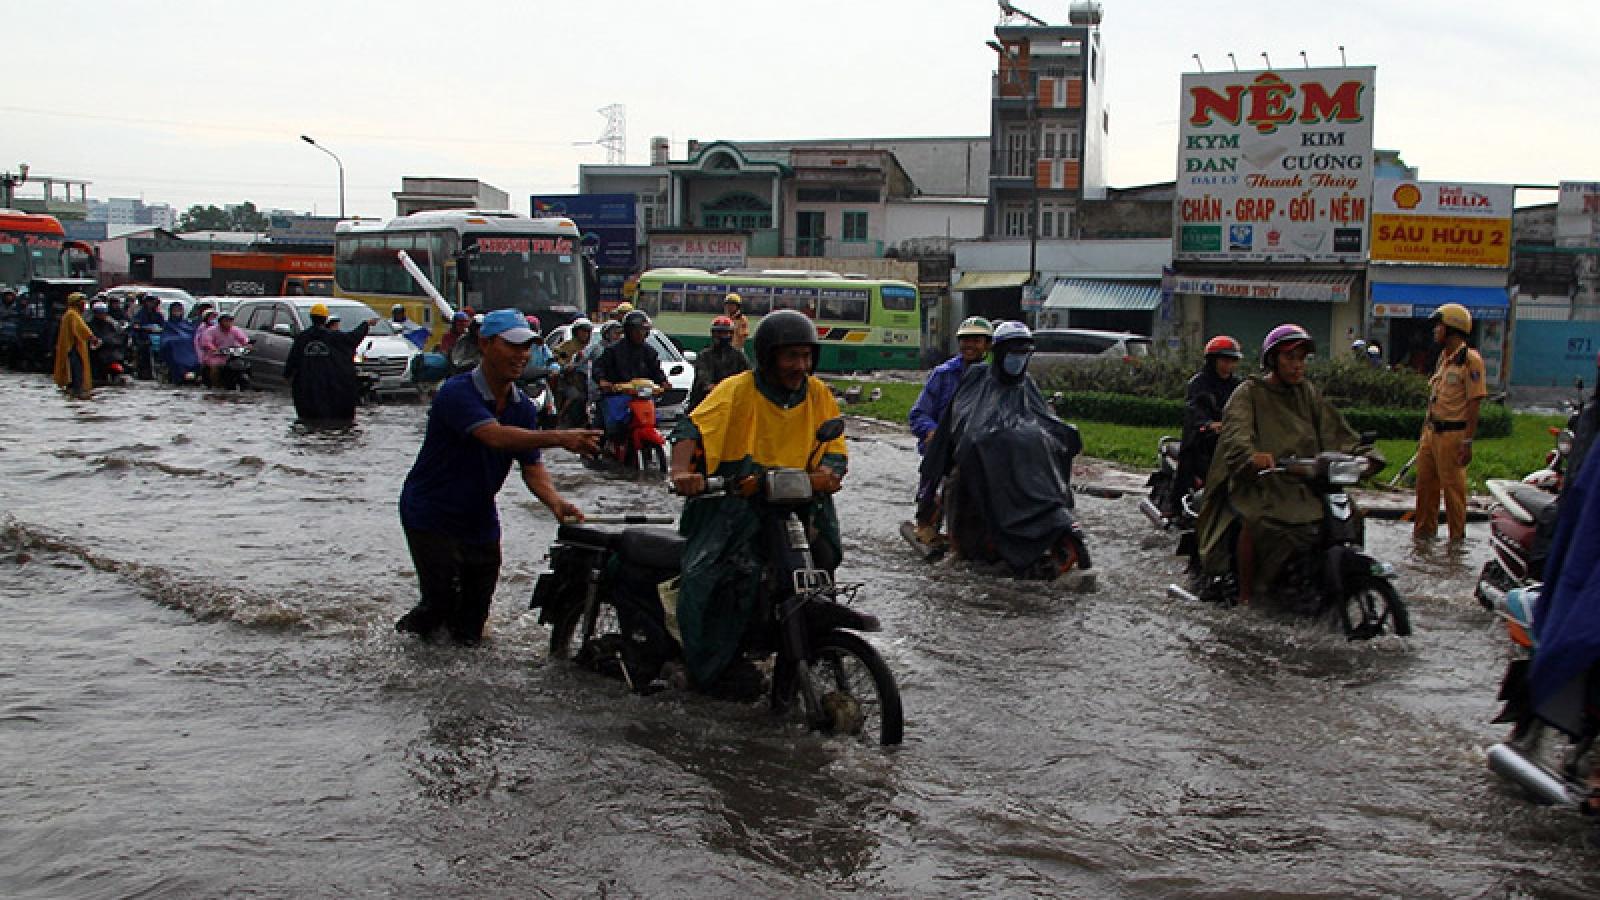 OECD cảnh báo Việt Nam sẽ chịu thiệt hại nặng nề vì biến đổi khí hậu